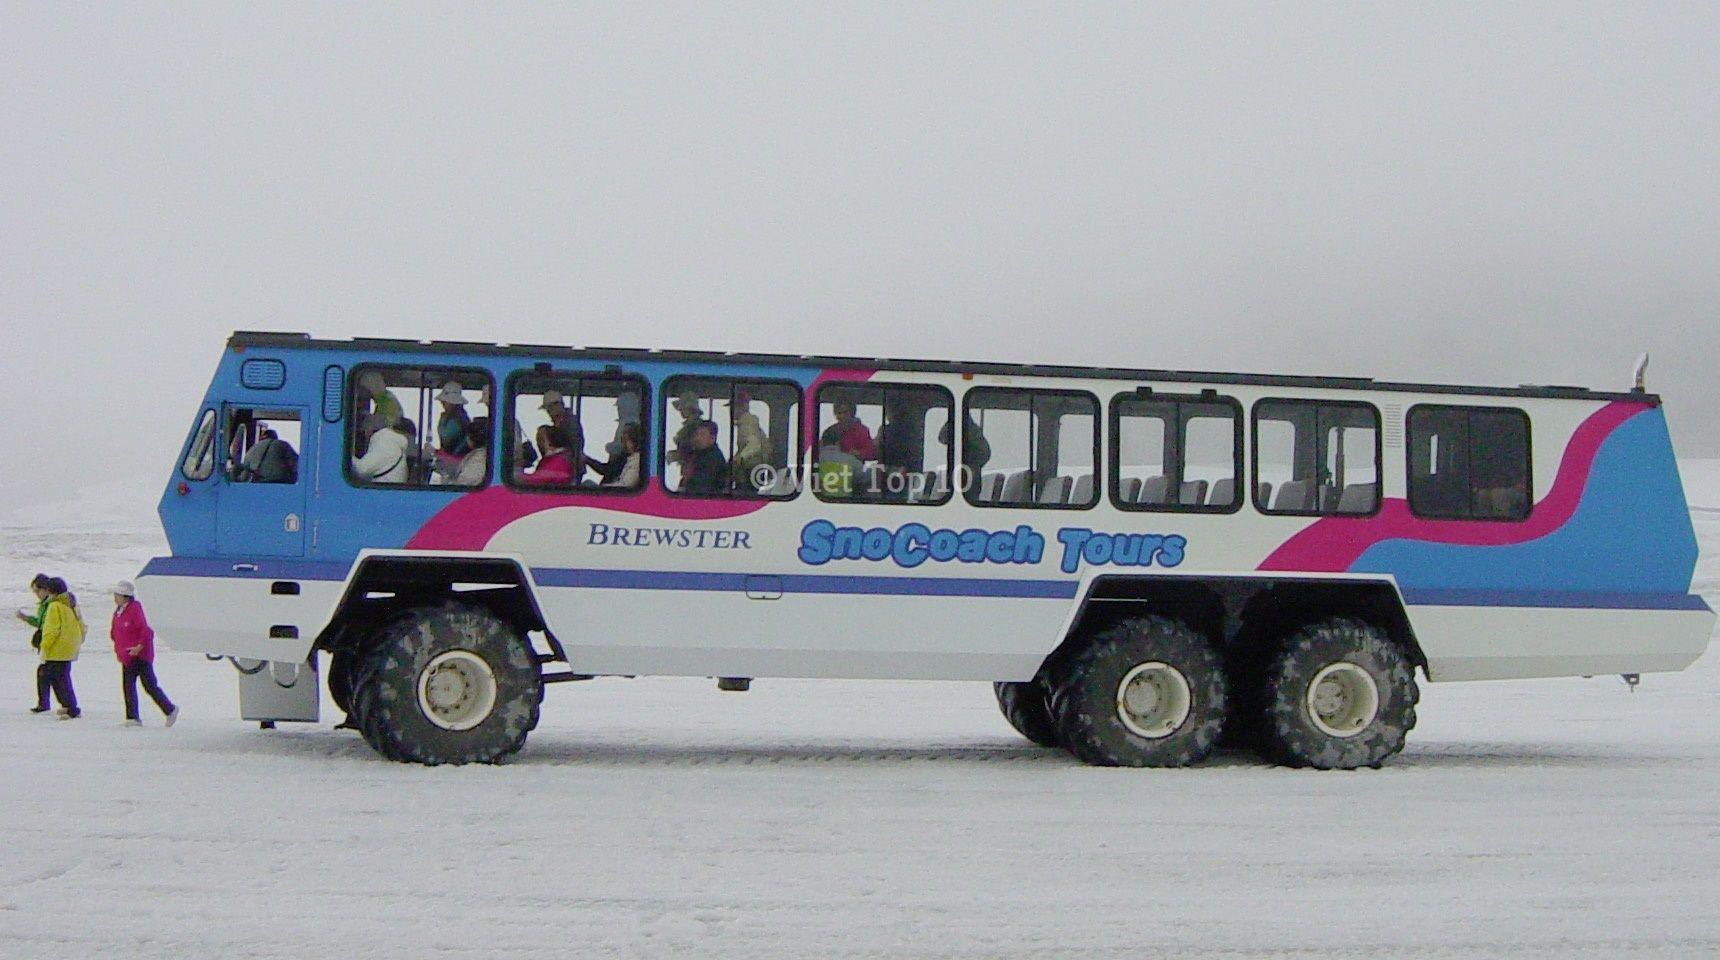 phương tiện di chuyển kỳ lạ độc đáo nhất hành tinh - việt top 10 - việt top 10 net - viettop10